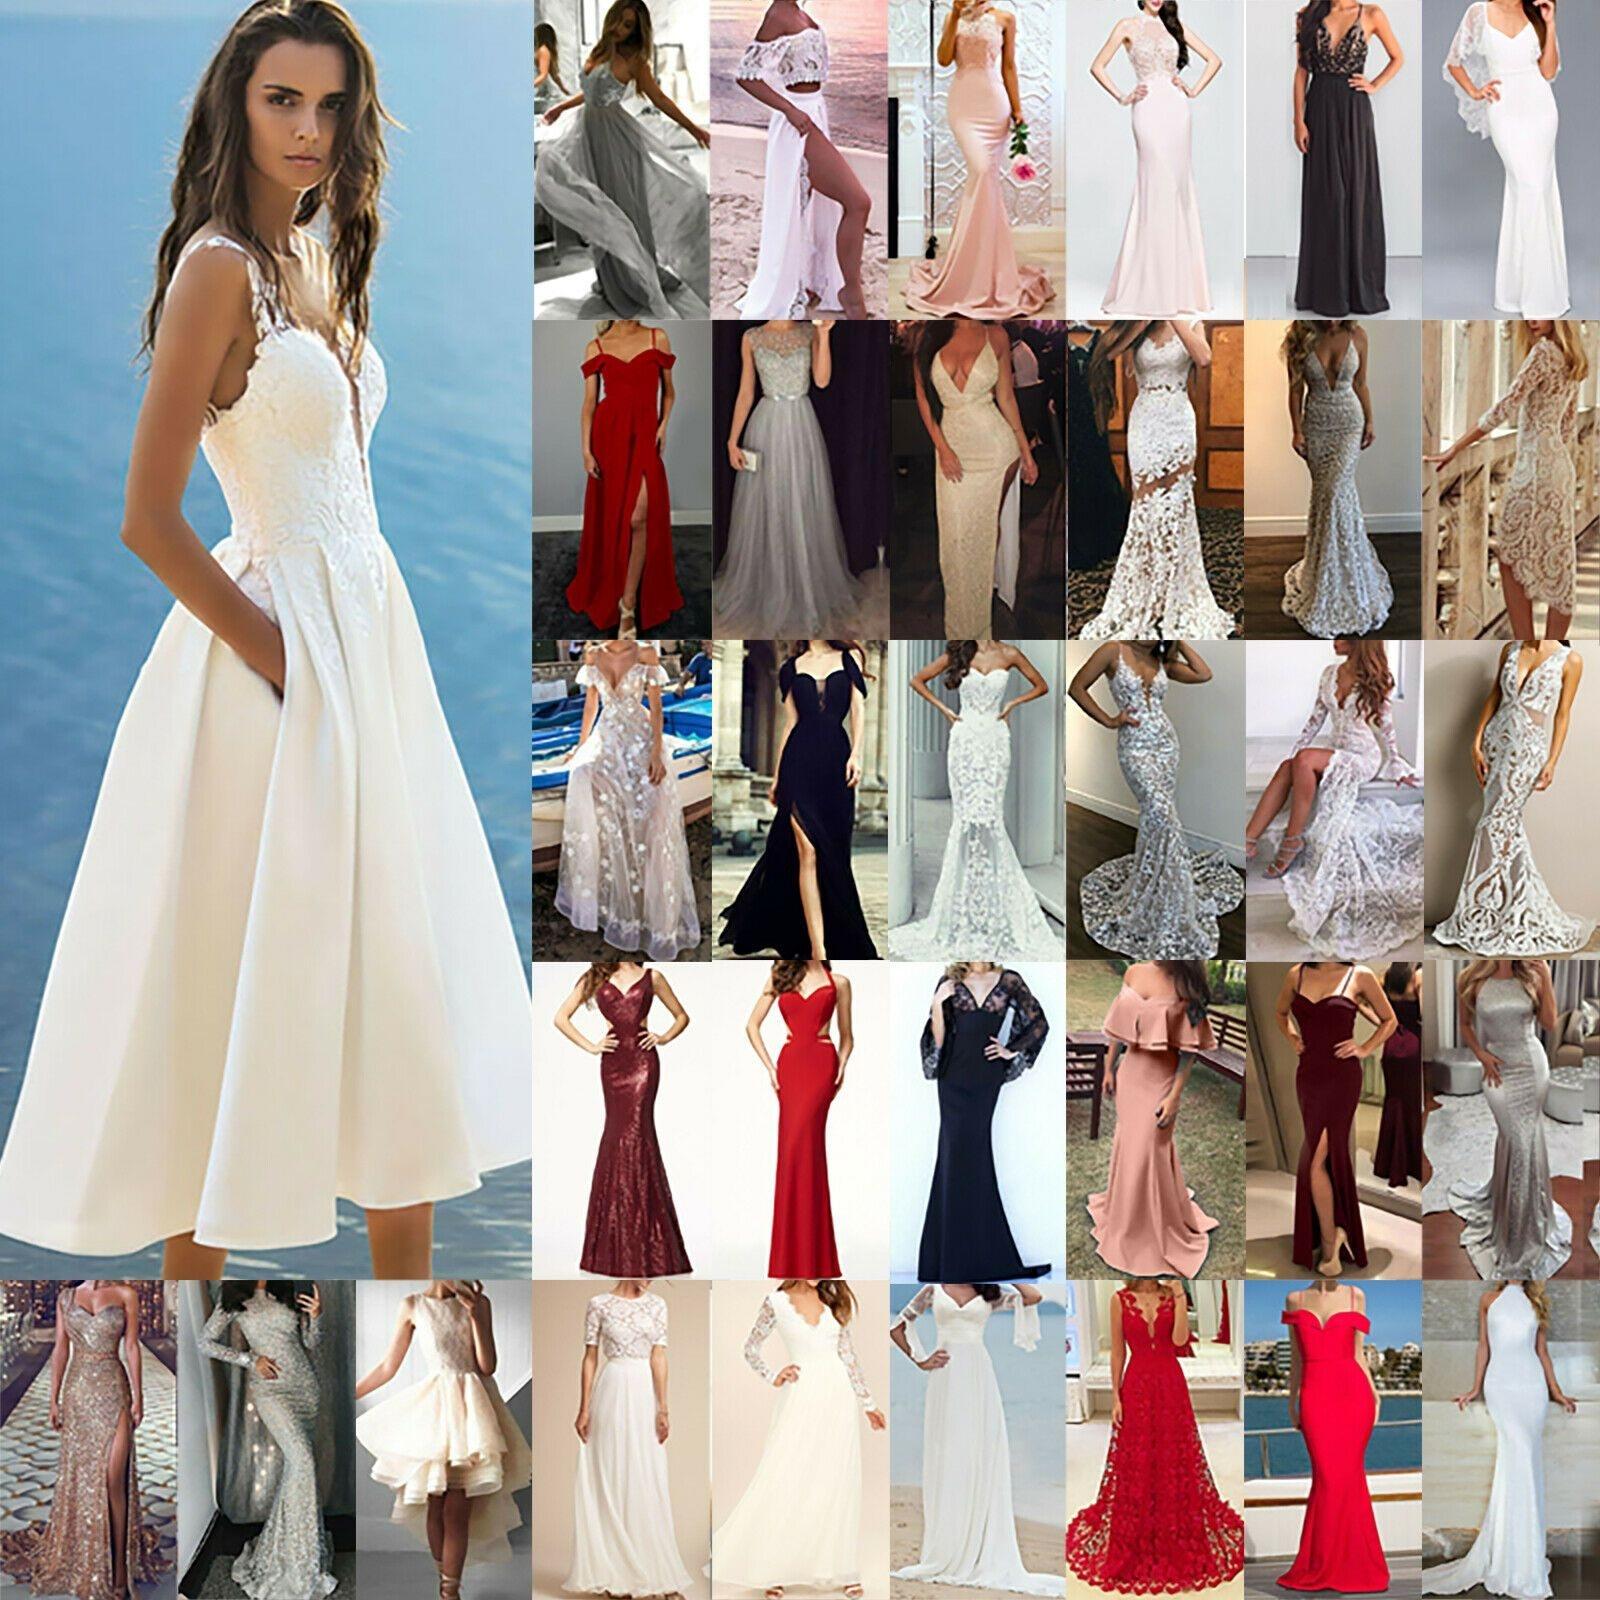 Kleider Für Hochzeit | Auf Einer Hochzeit In Legerem